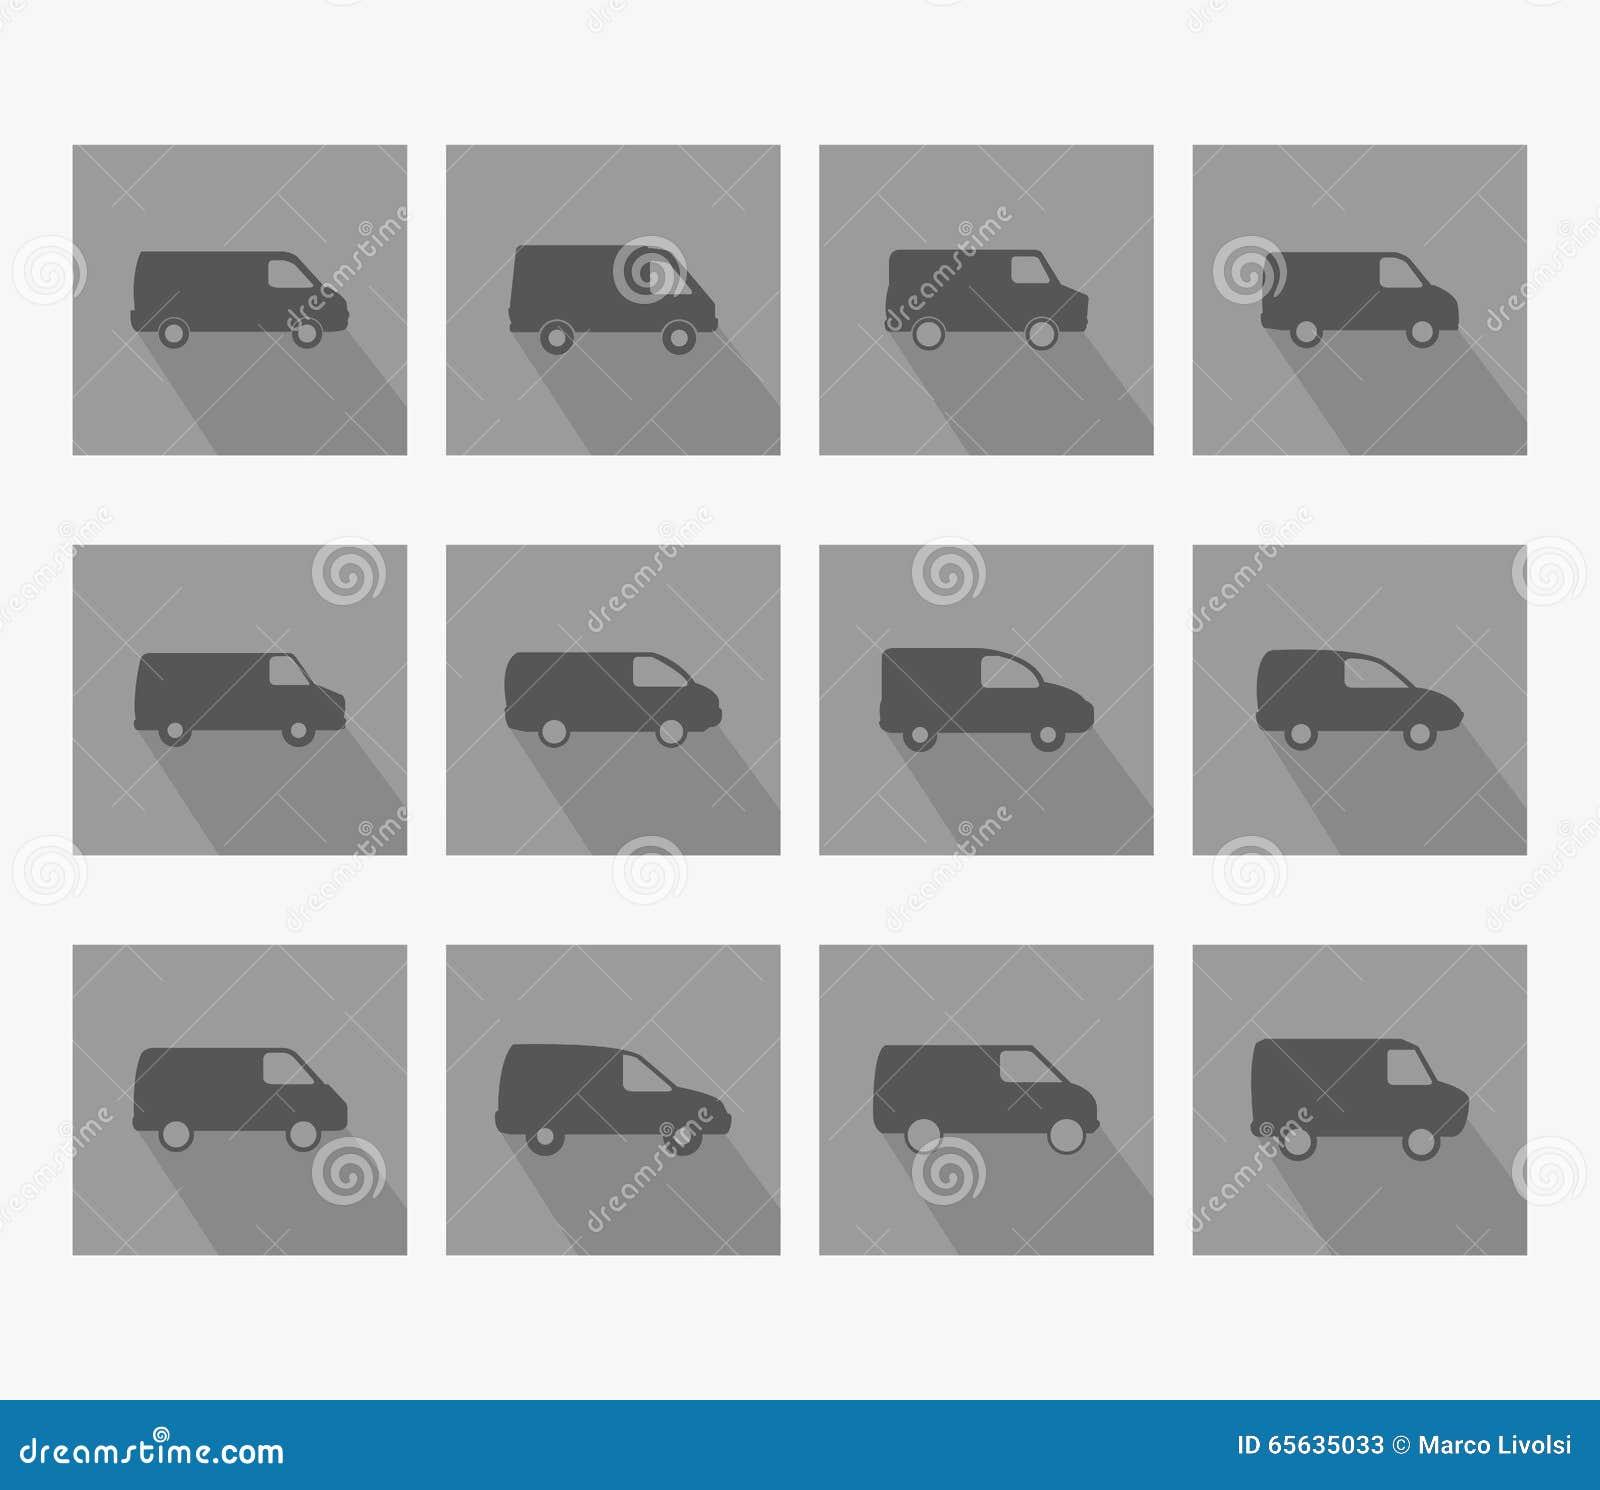 Van icons illustrée dans la conception plate